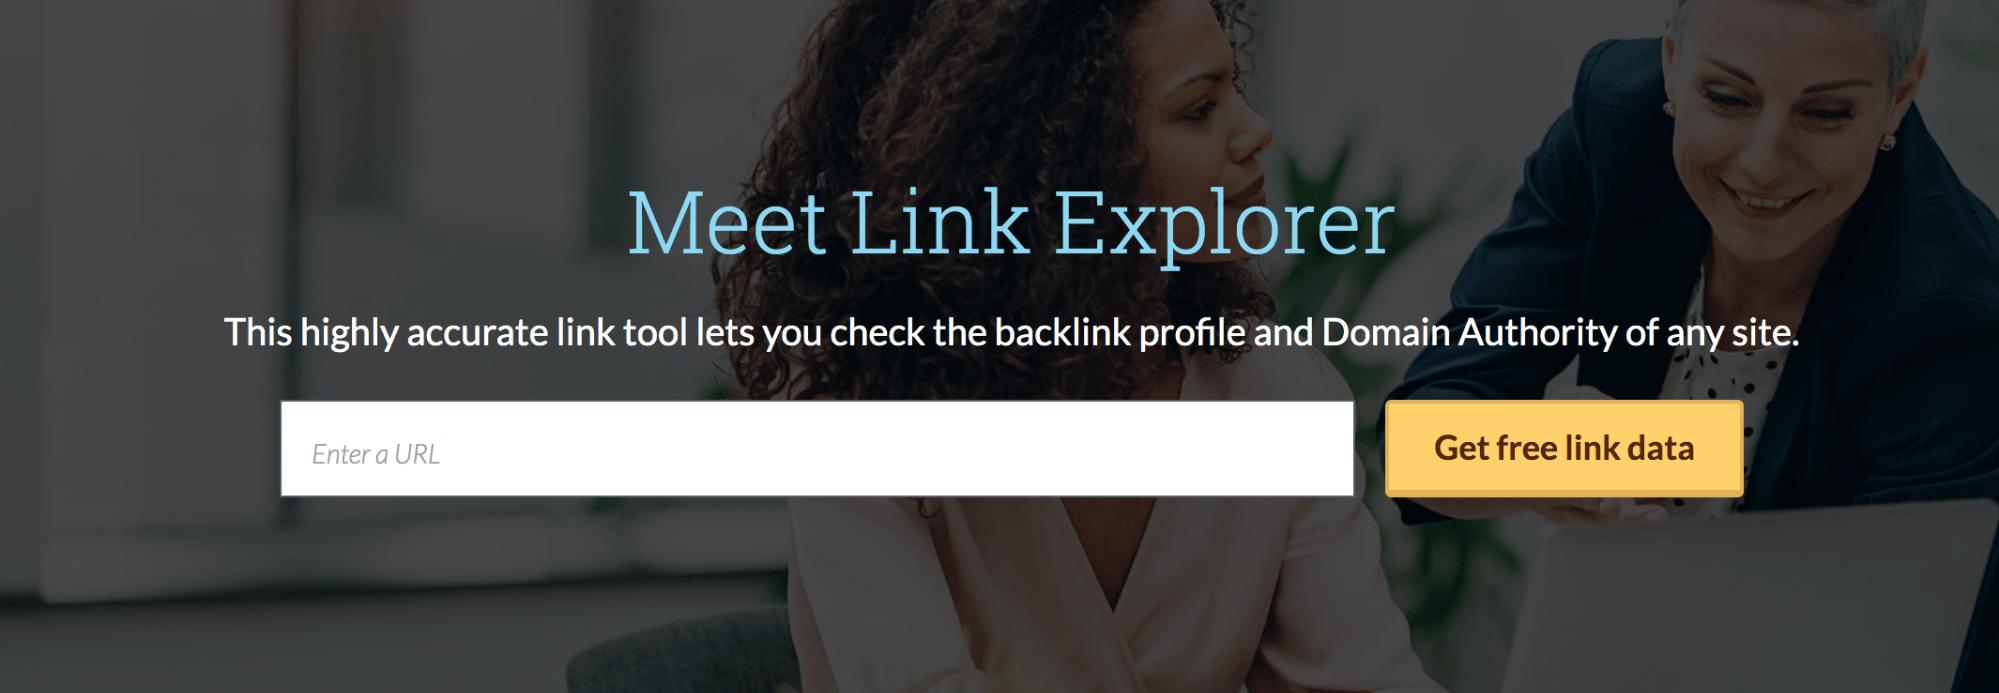 Moz-Link Explorer Landing Page Snippet